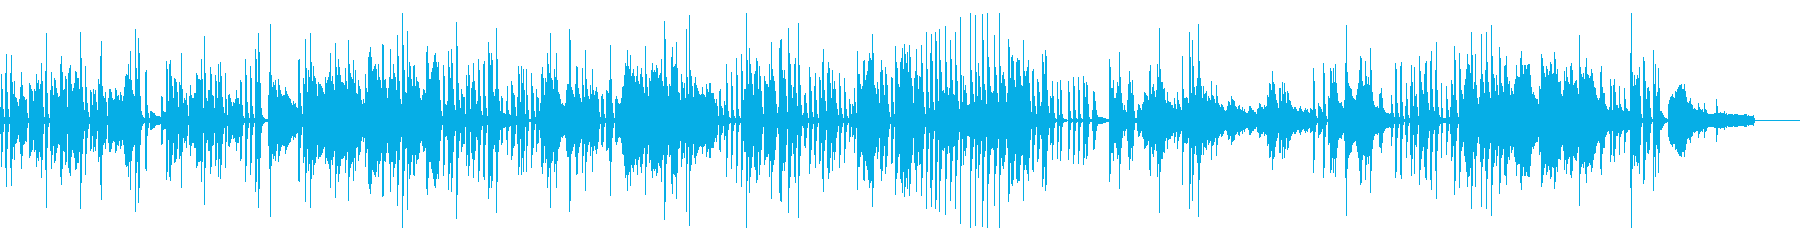 Jazzyで軽快なピアノソロの再生済みの波形